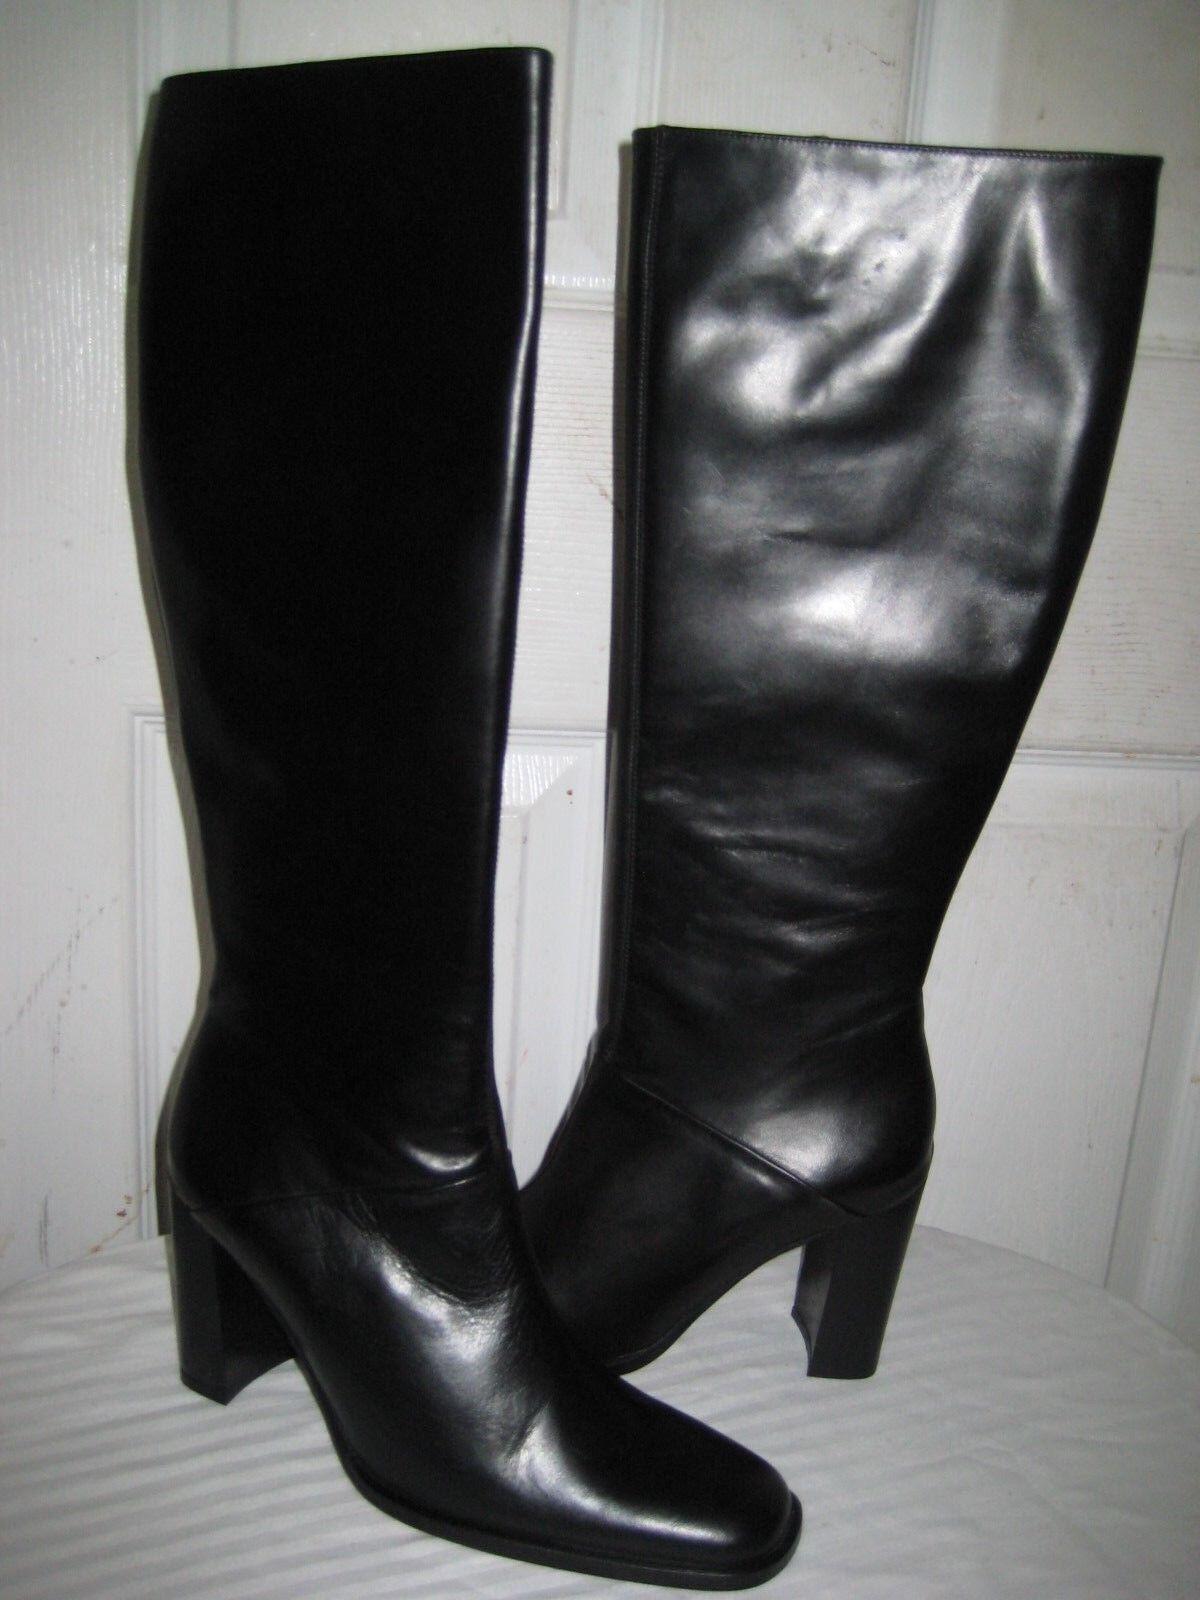 J crew collection Rory nero Leather stivali scarpe donna Dimensione 7.5